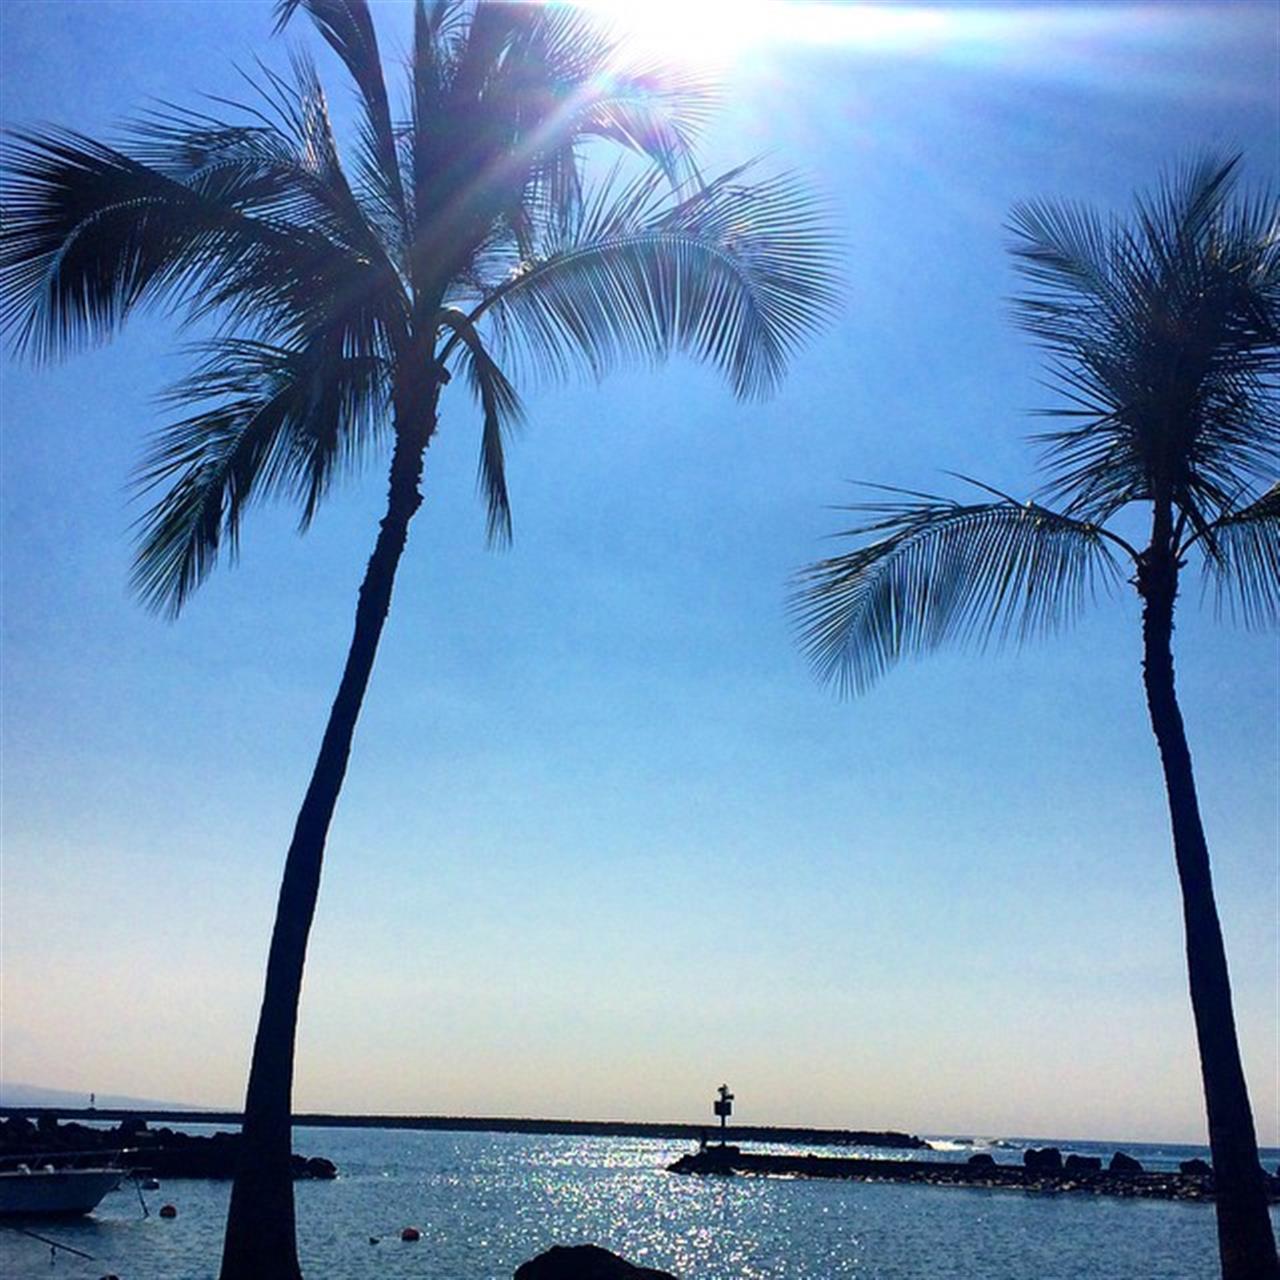 Beautiful day on the Kohala Coast! ??? #beingbrooke #hawaiilife #glimpseofhawaii #wearehawaii #hawaiistagram #HNNSunrise #leadingRElocal